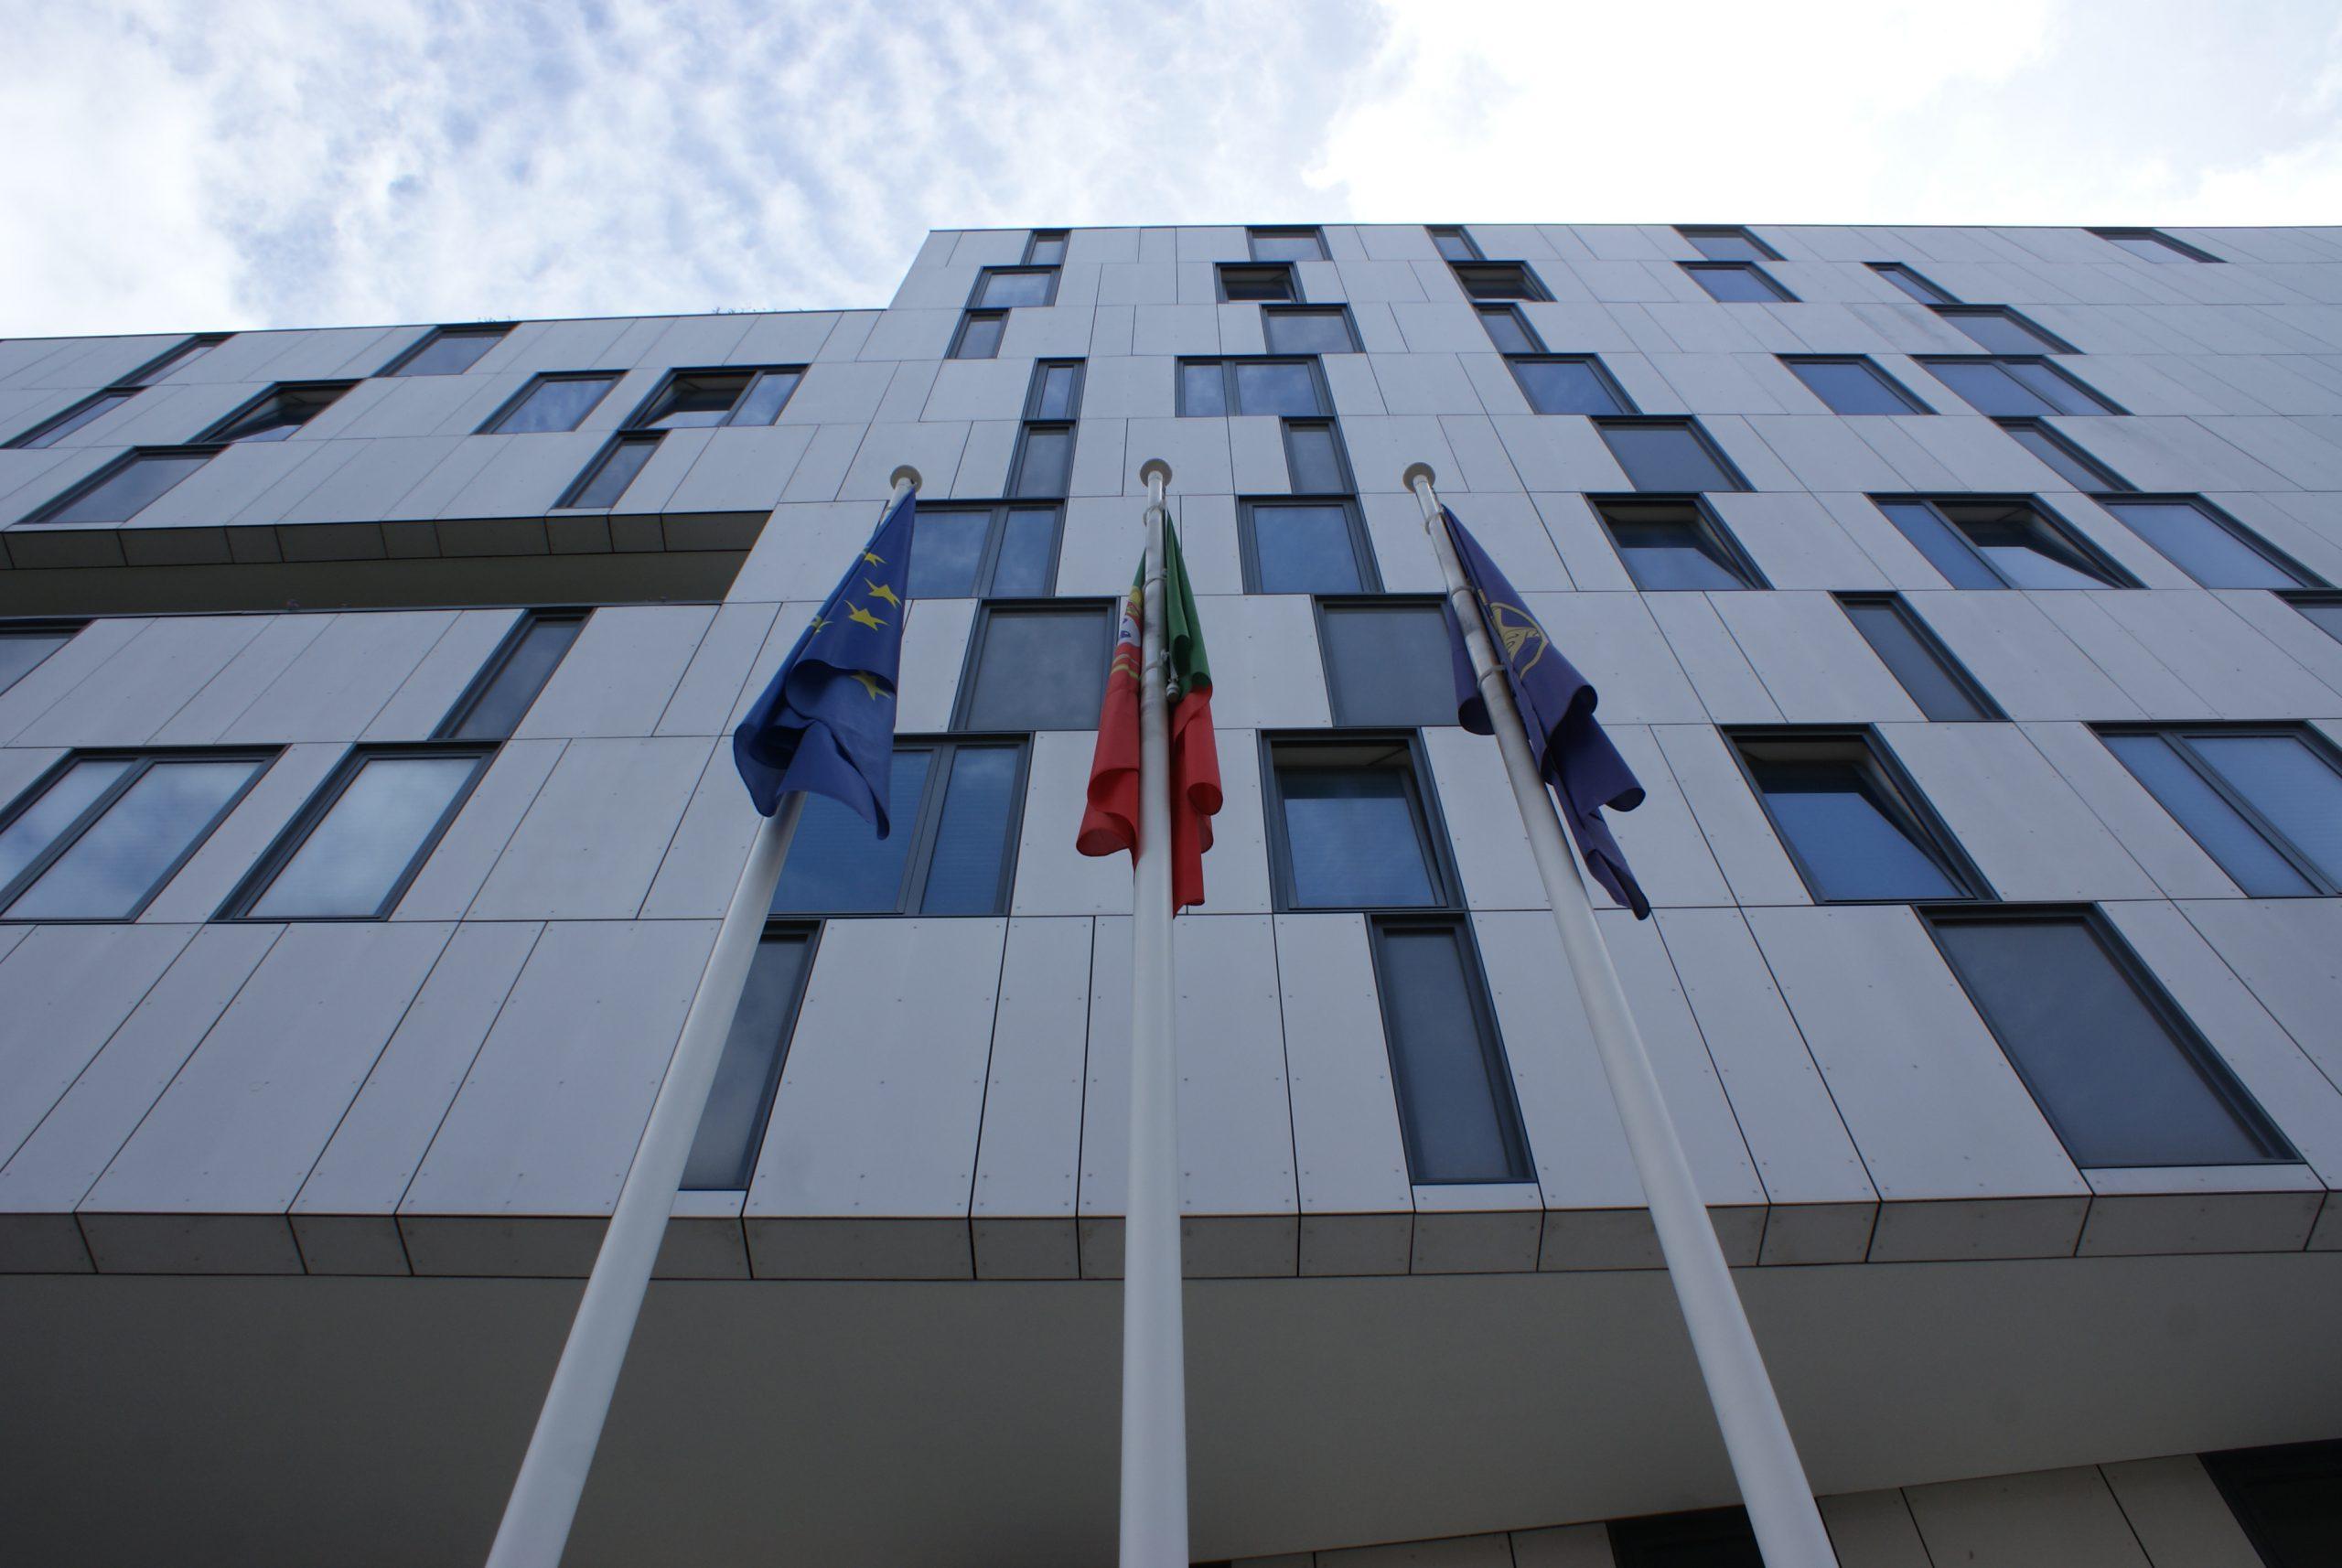 edificio sede pj bandeiras